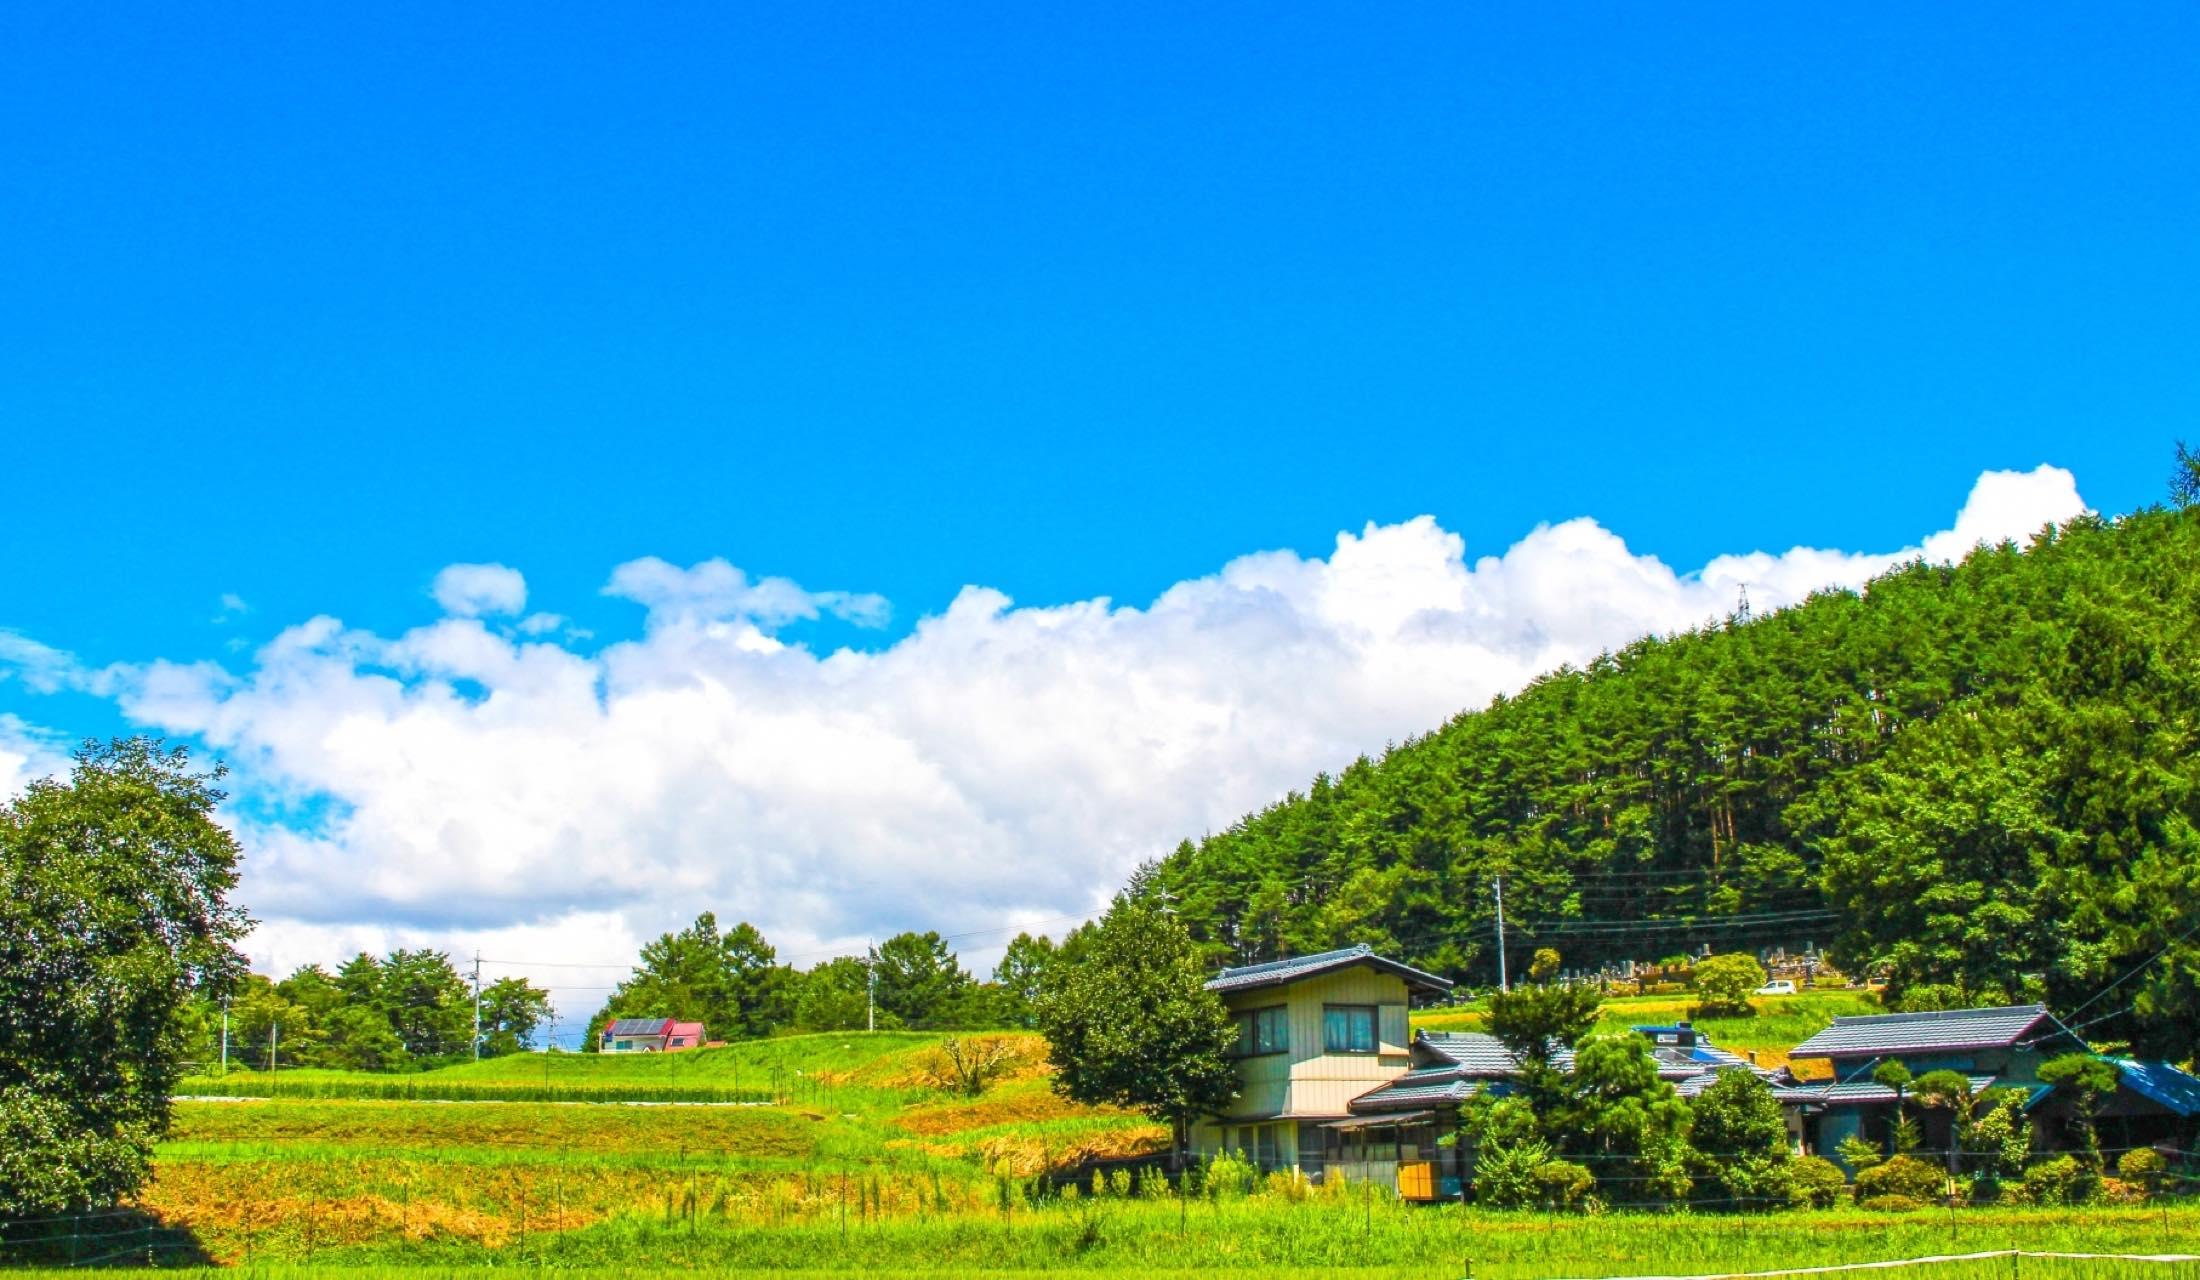 日本の故郷の原風景